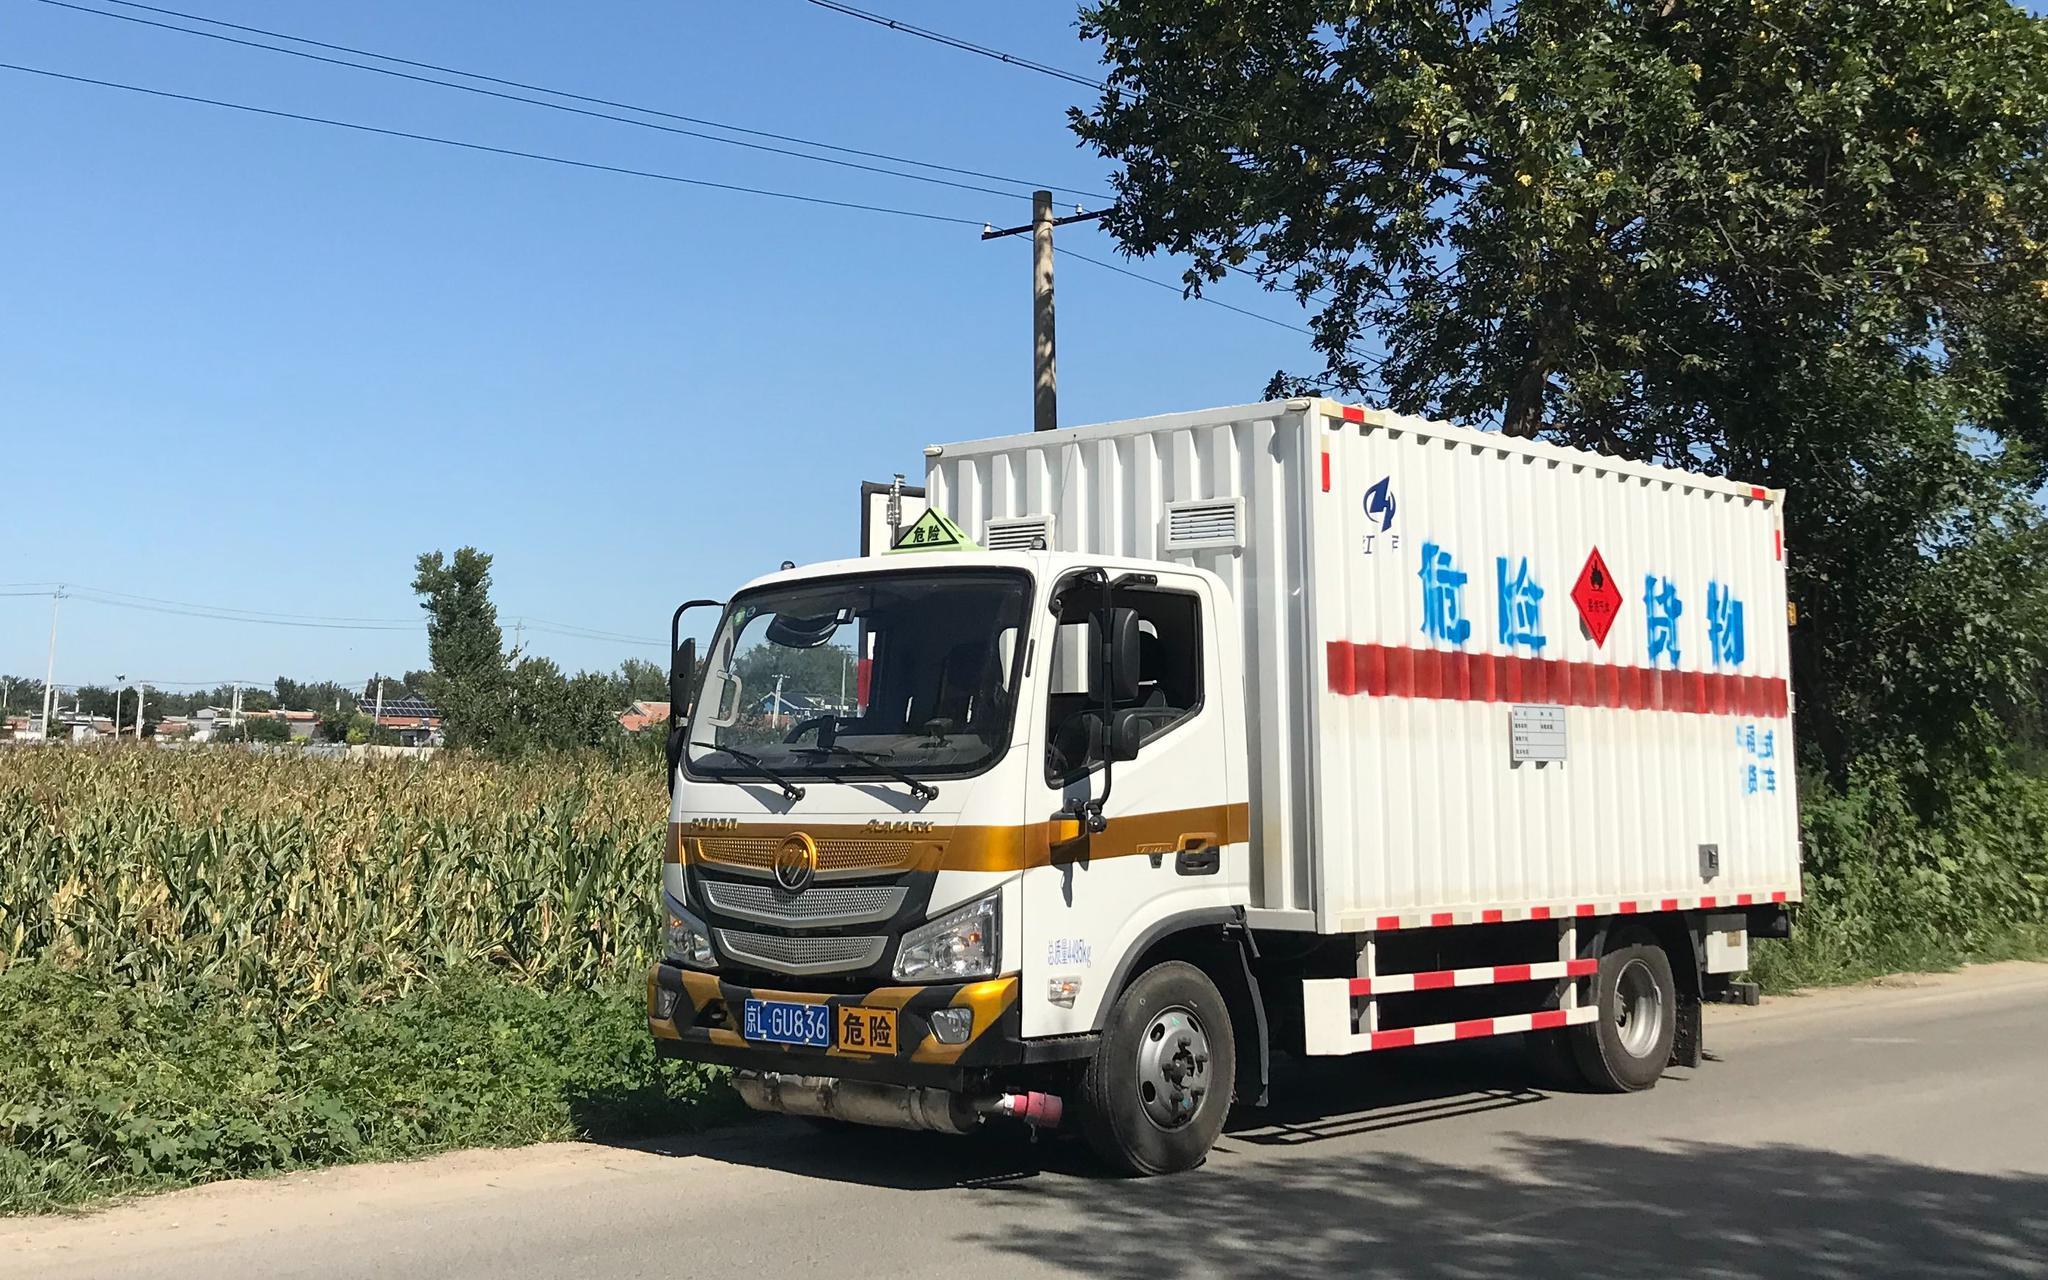 9月19日中午,最后一车载有遗留液化气罐的车辆准备开走。新京报记者 张惠兰 摄